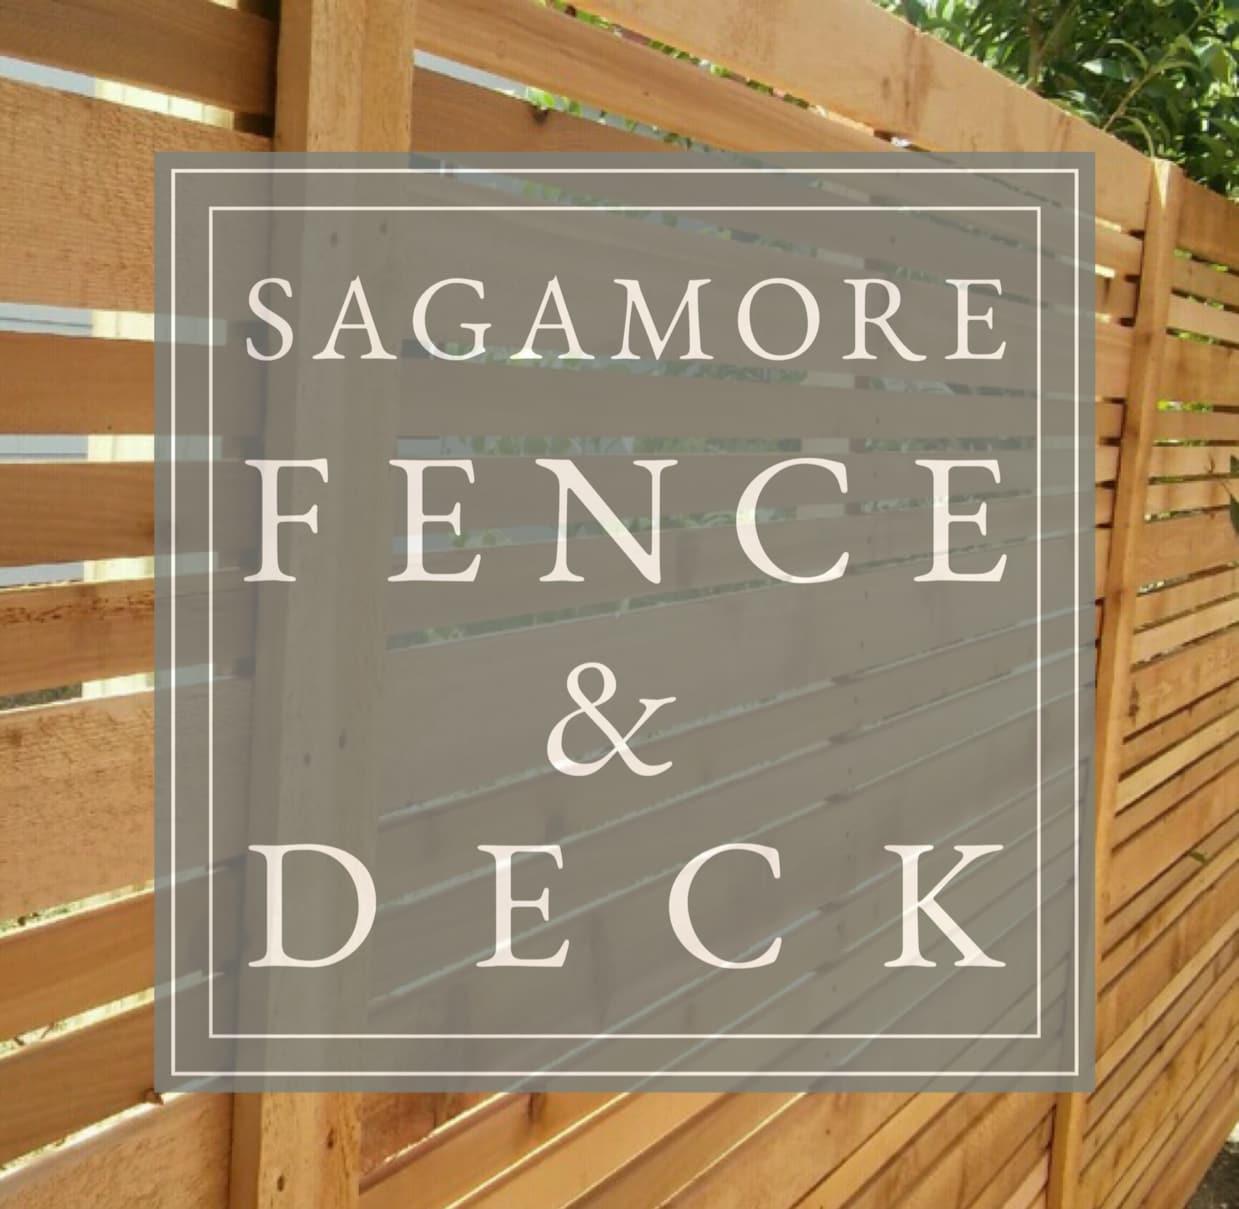 Sagamore Fence & Deck